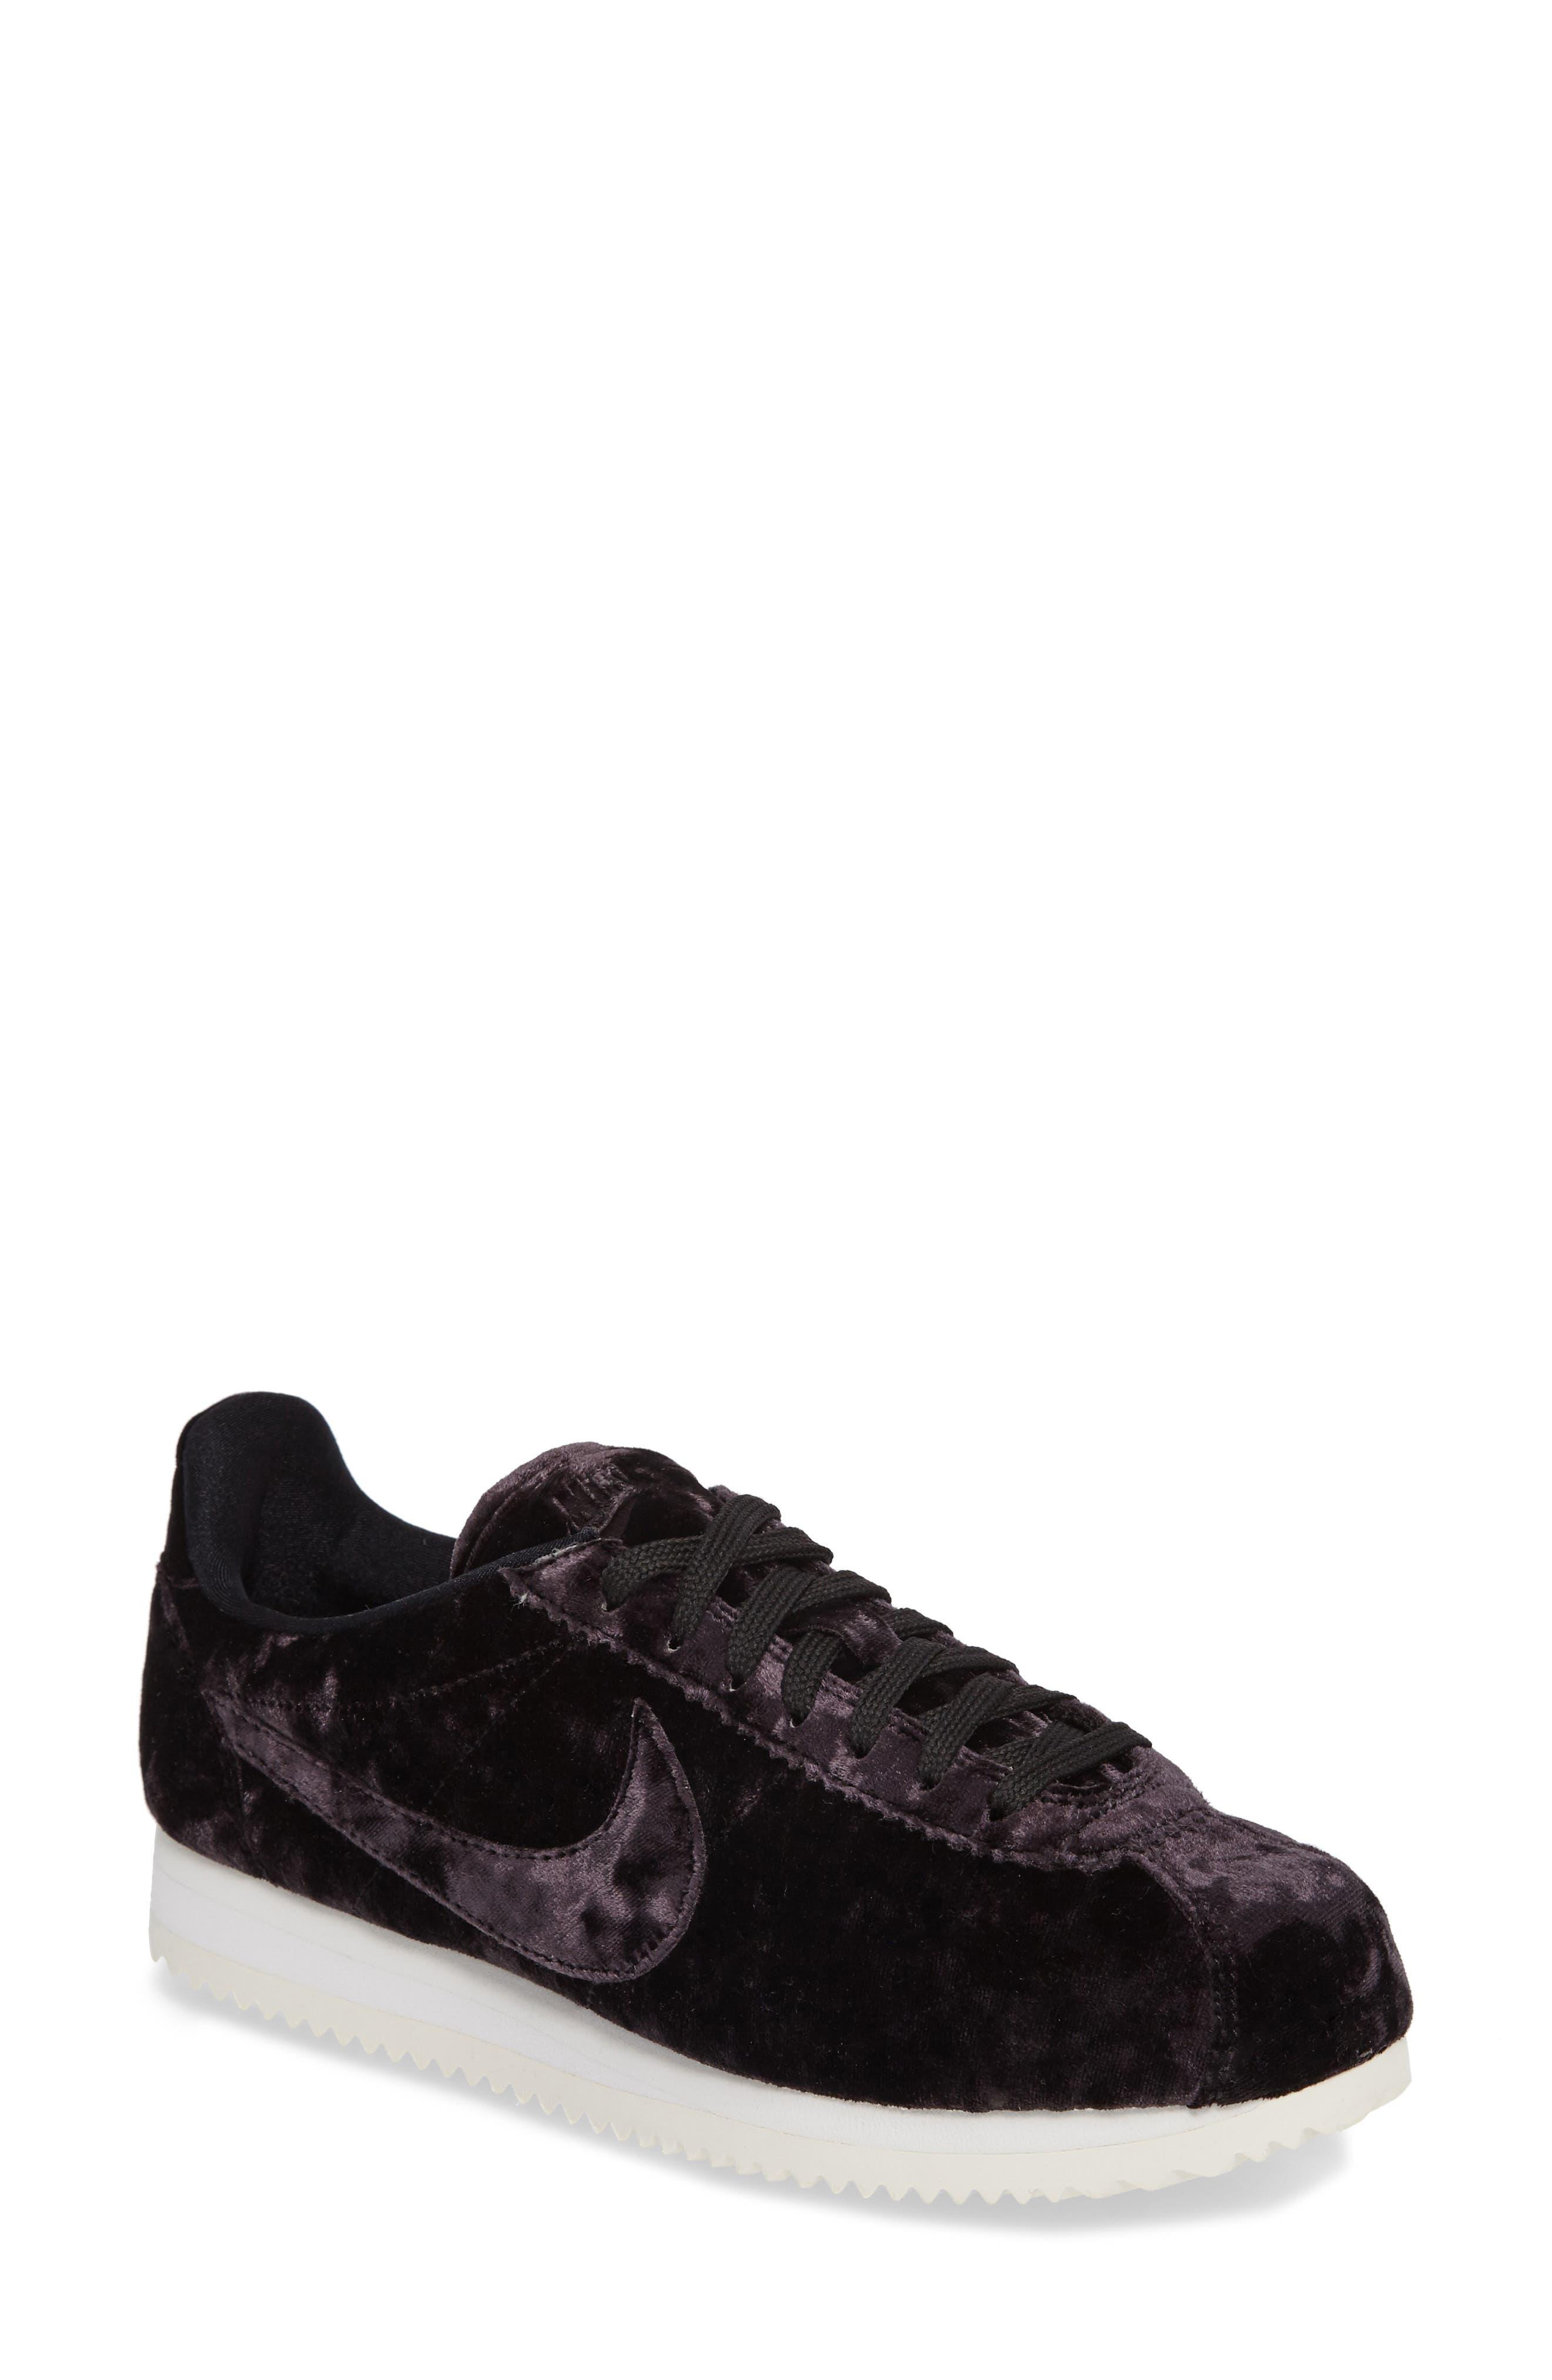 Cortez Classic LX Sneaker,                             Main thumbnail 1, color,                             001